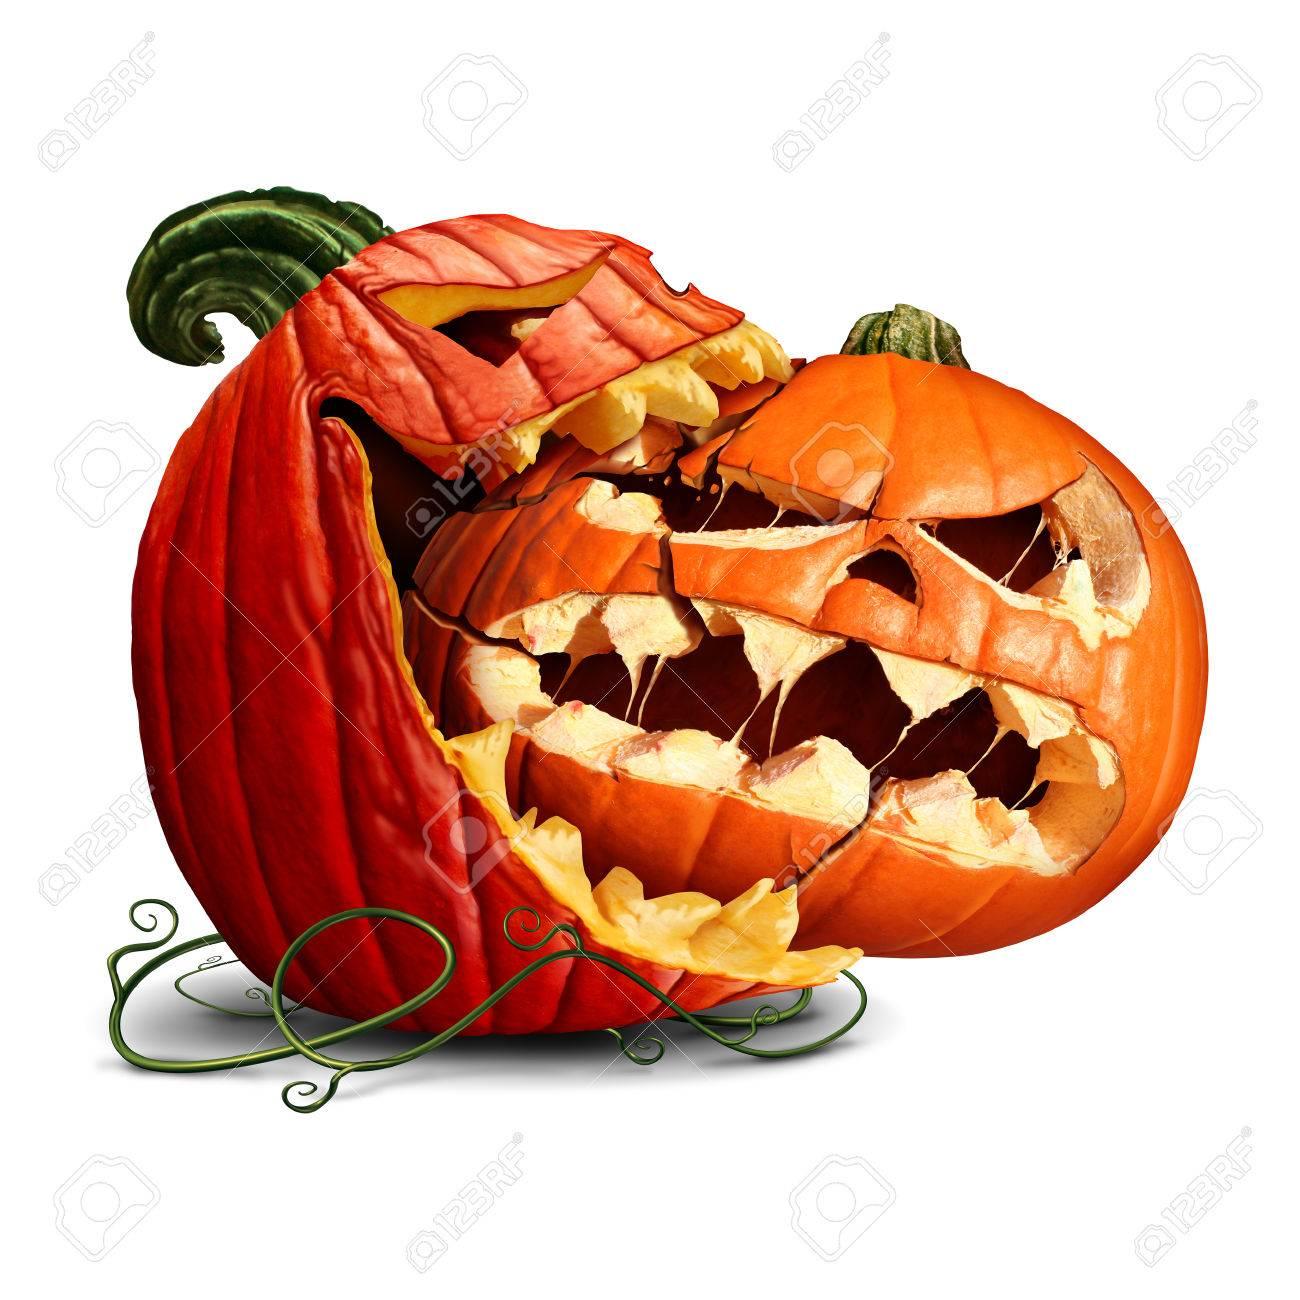 Kurbis Essen Symbol Als Eine Dominante Halloween Kurbis Einen Bissen